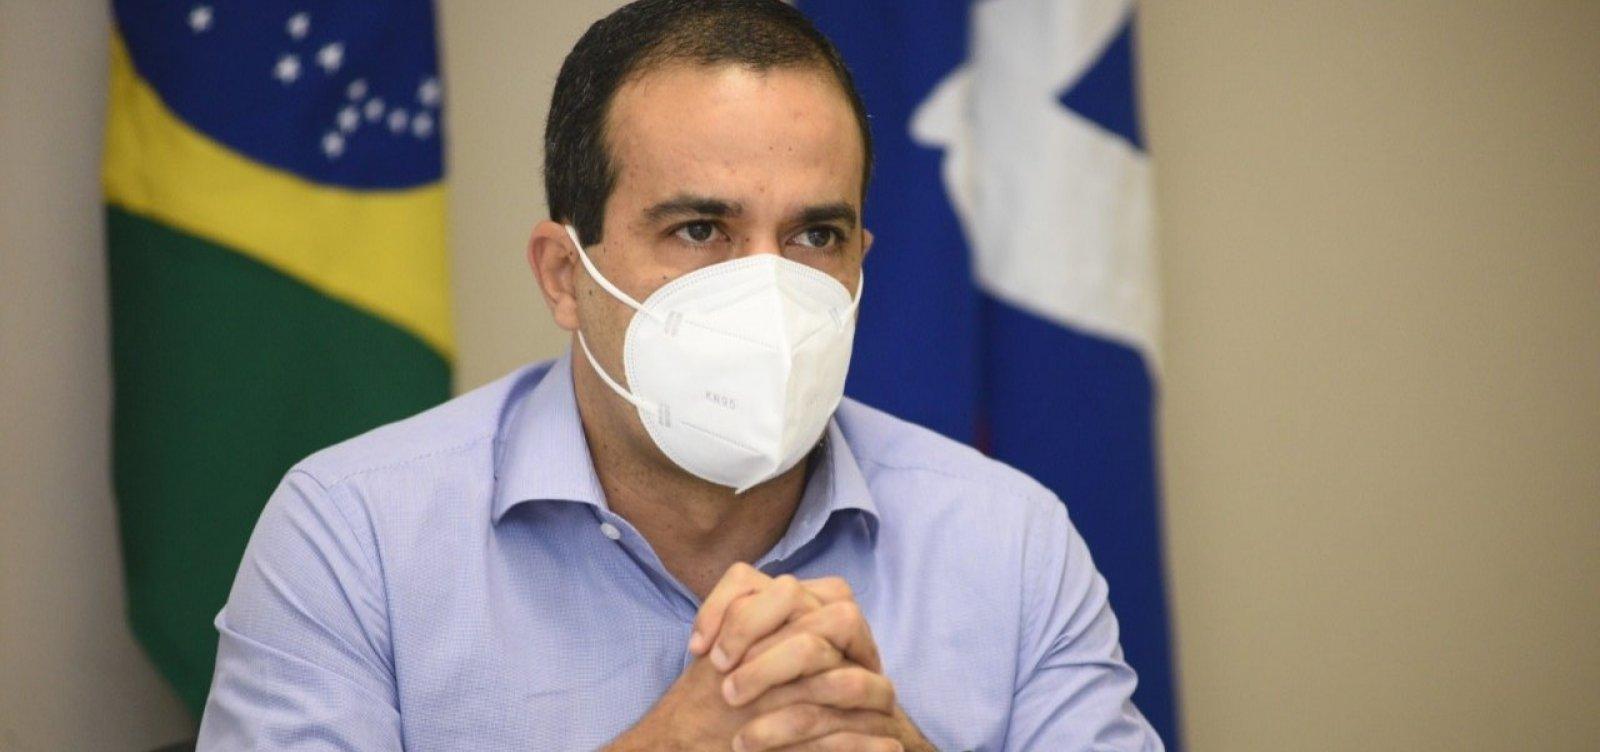 Com crescimento de casos, prefeito avalia restrições ao comércio em Salvador